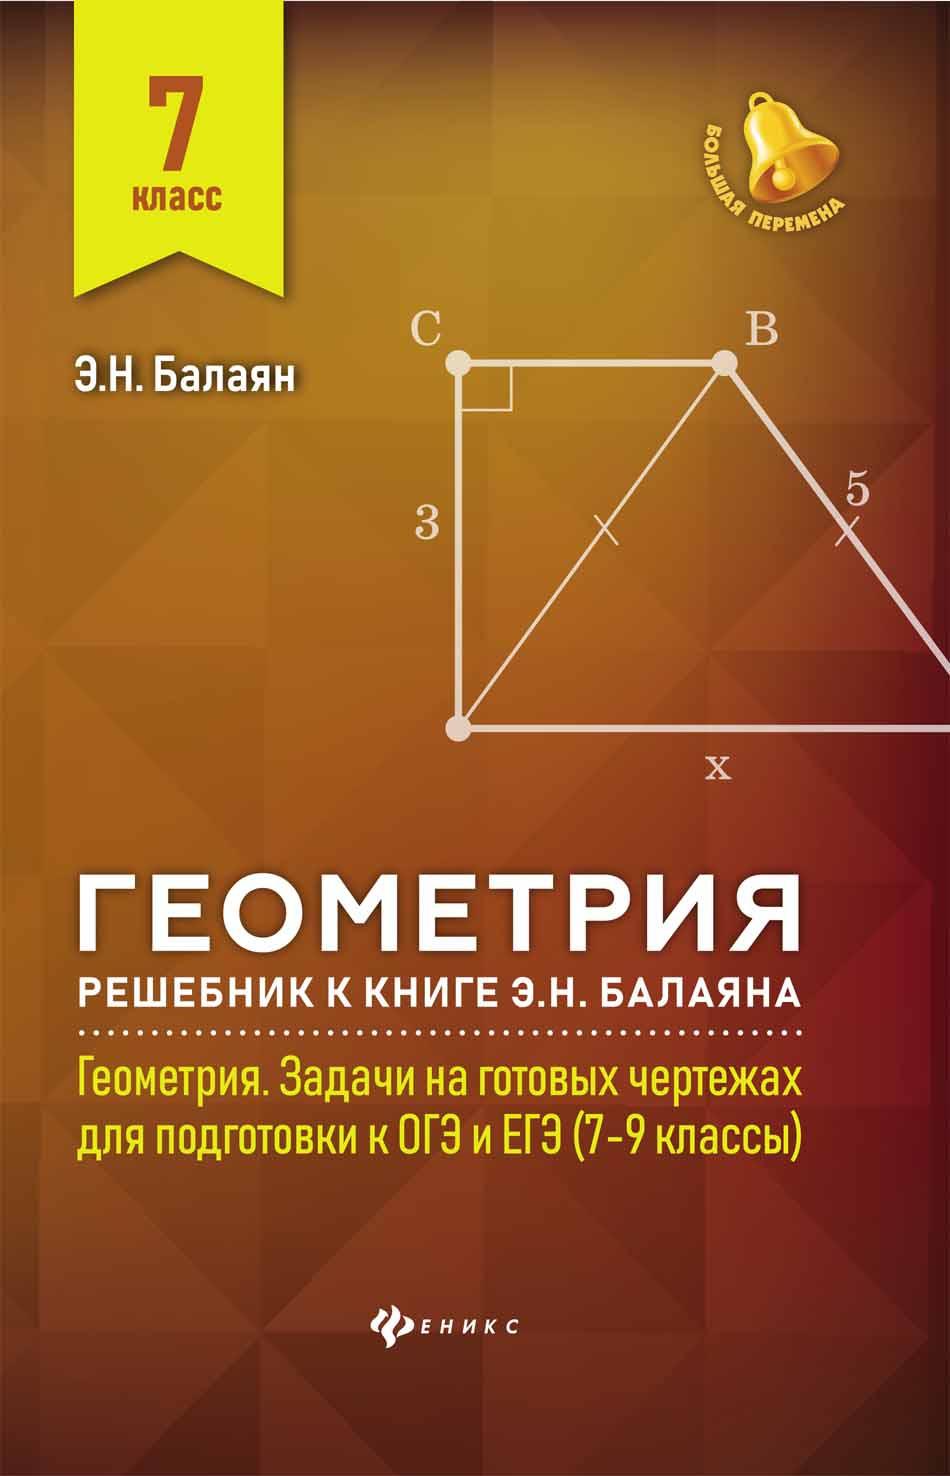 Э. Н. Балаян Геометрия. 7 класс. Решебник к книге Э.Н. Балаяна Геометрия. Задачи на готовых чертежах для подготовки к ОГЭ и ЕГЭ 7-9 классы балаян э геометрия 9 класс решебник к книге э н балаяна геометрия задачи на готовых чертежах для подготовки к огэ и егэ 7 9 классы